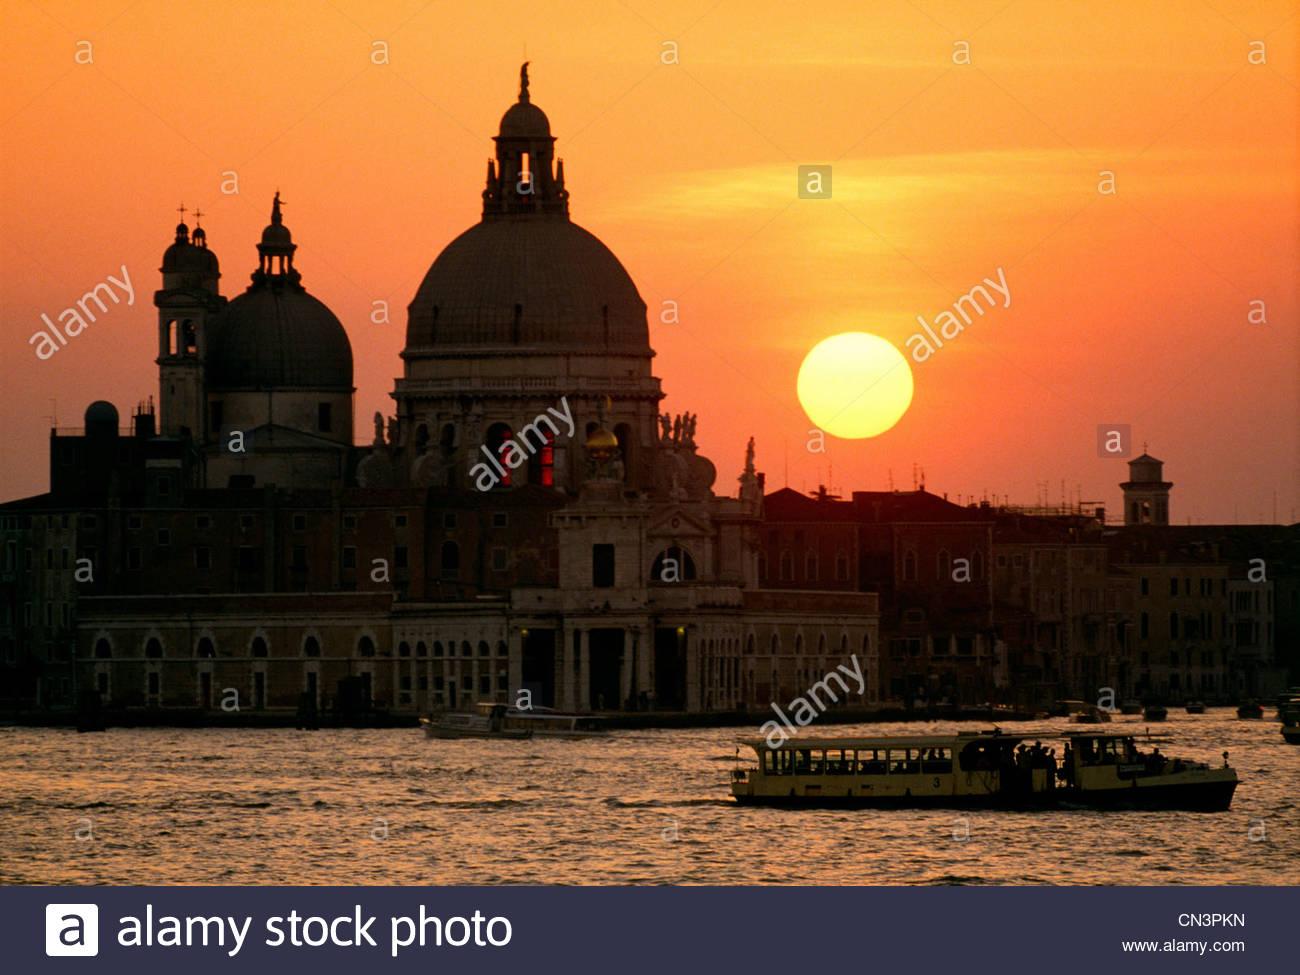 Basilika San Marco Silhouette gegen Sonnenuntergang, Venedig, Italien Stockbild